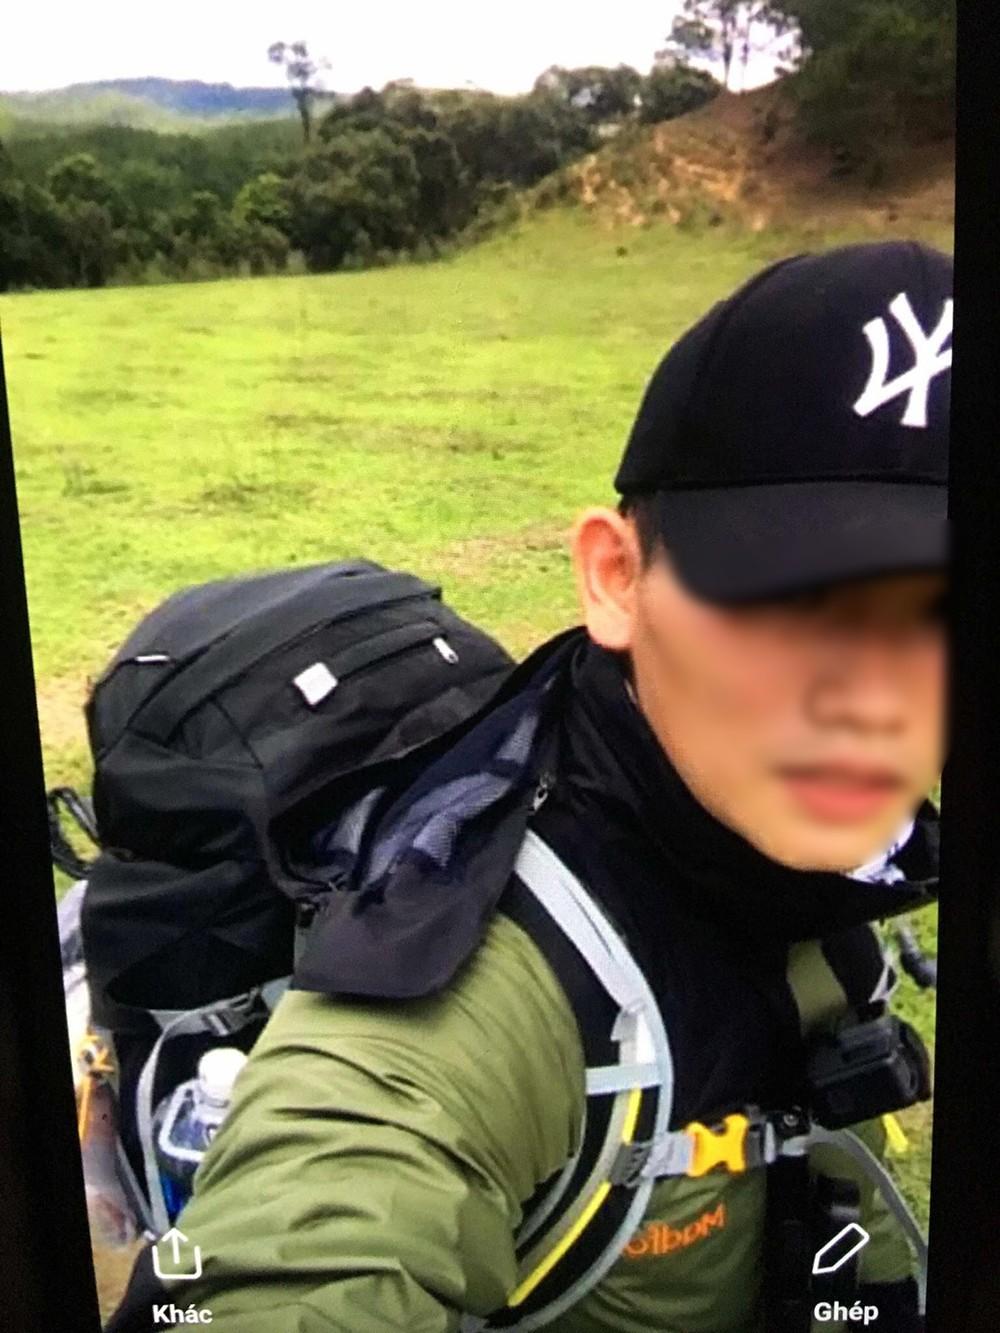 Tìm thấy thi thể nam phượt thủ ở Tà Năng - Phan Dũng sau 8 ngày mất tích - Ảnh 2.